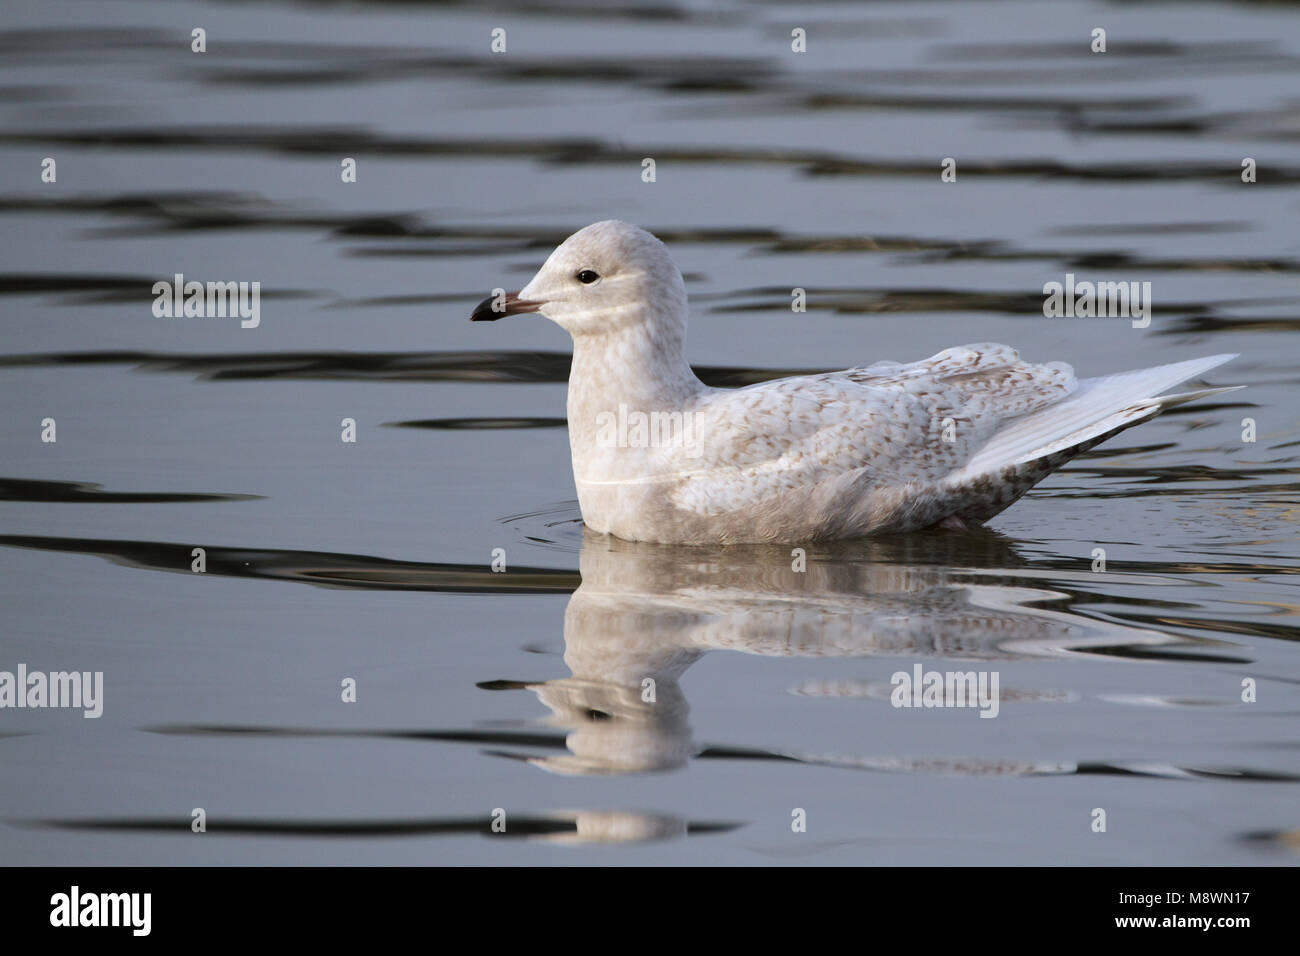 Zwemmende onvolwassen Kleine Burgemeester, Swimming immature Iceland Gull Stock Photo